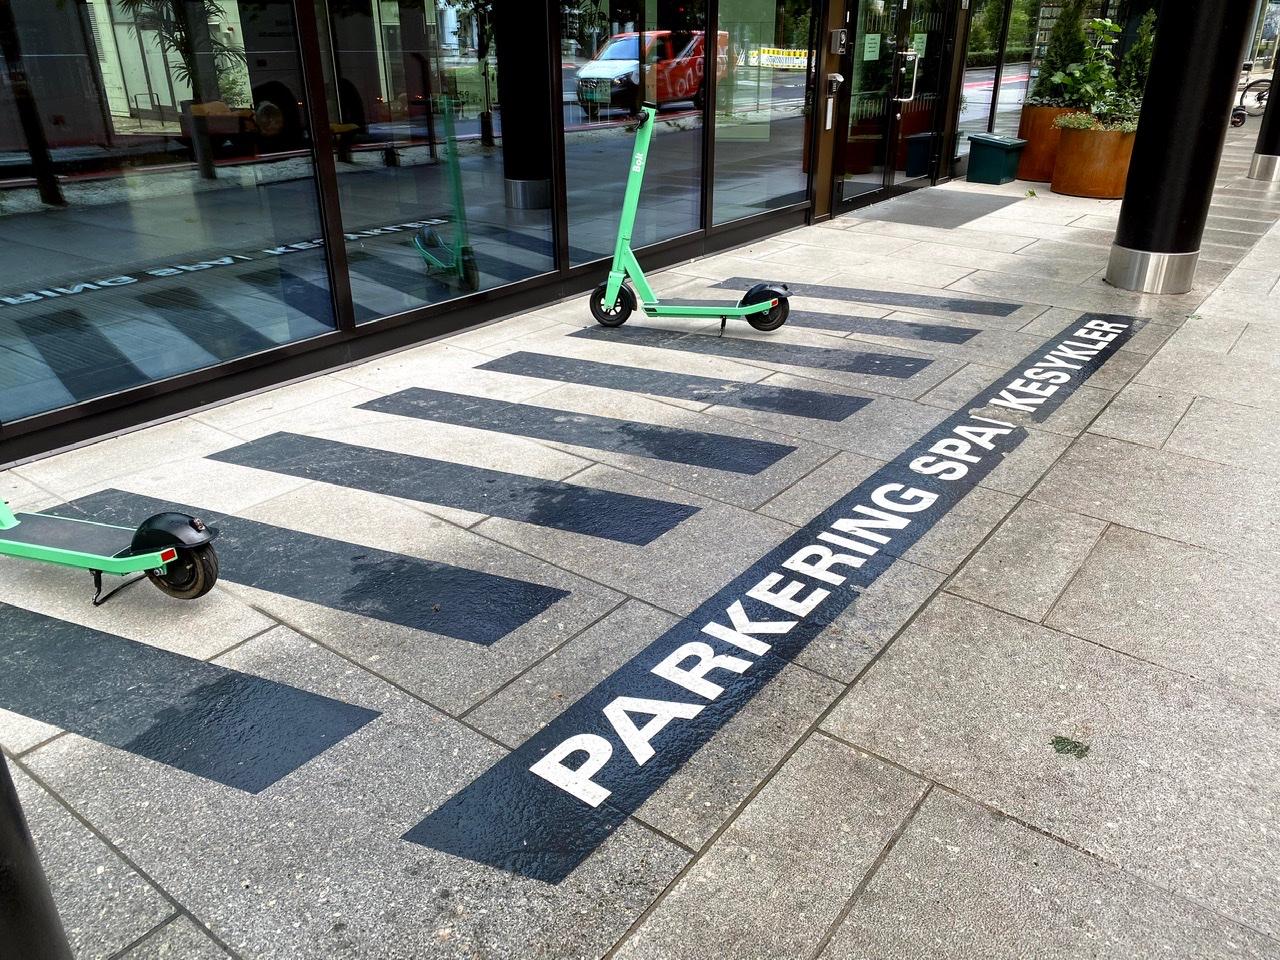 Bilde av en sparkesykkel på en parkering for sparkesykler